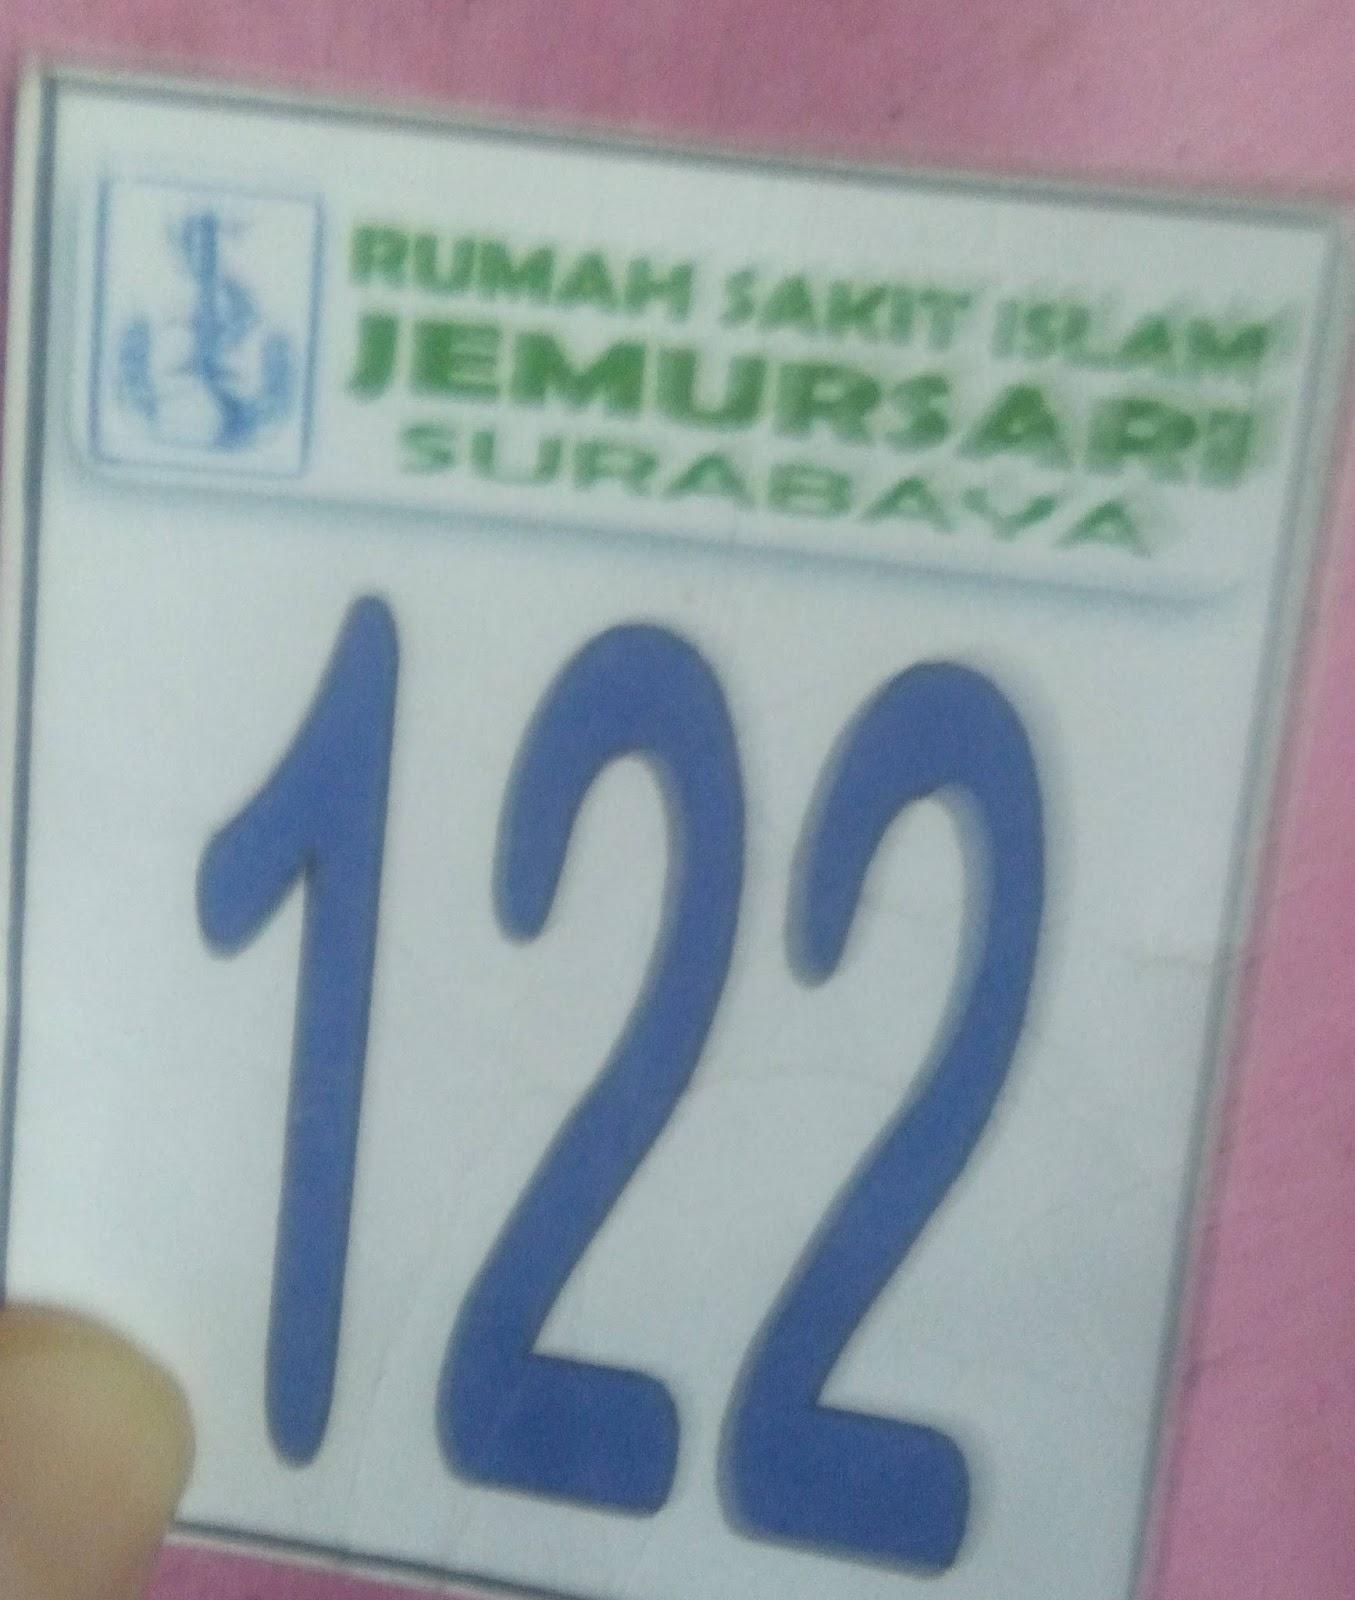 42 Gambar Rumah Sakit Islam Surabaya Gratis